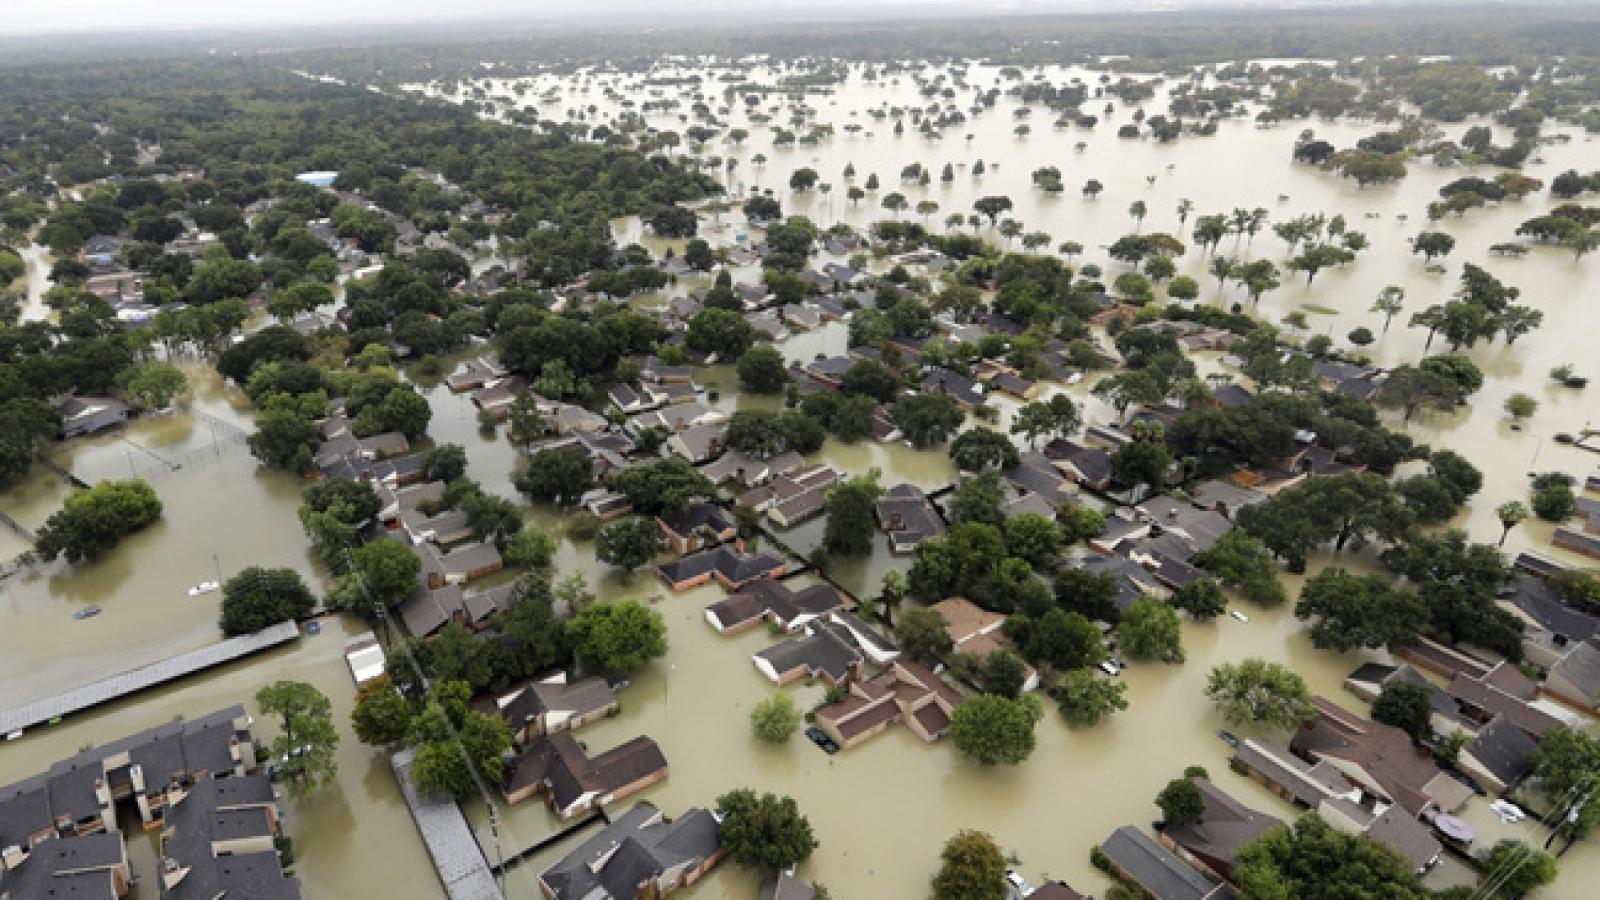 Mỹ tăng gấp đôi ngân sách để chuẩn bị ứng phó với thời tiết cực đoan